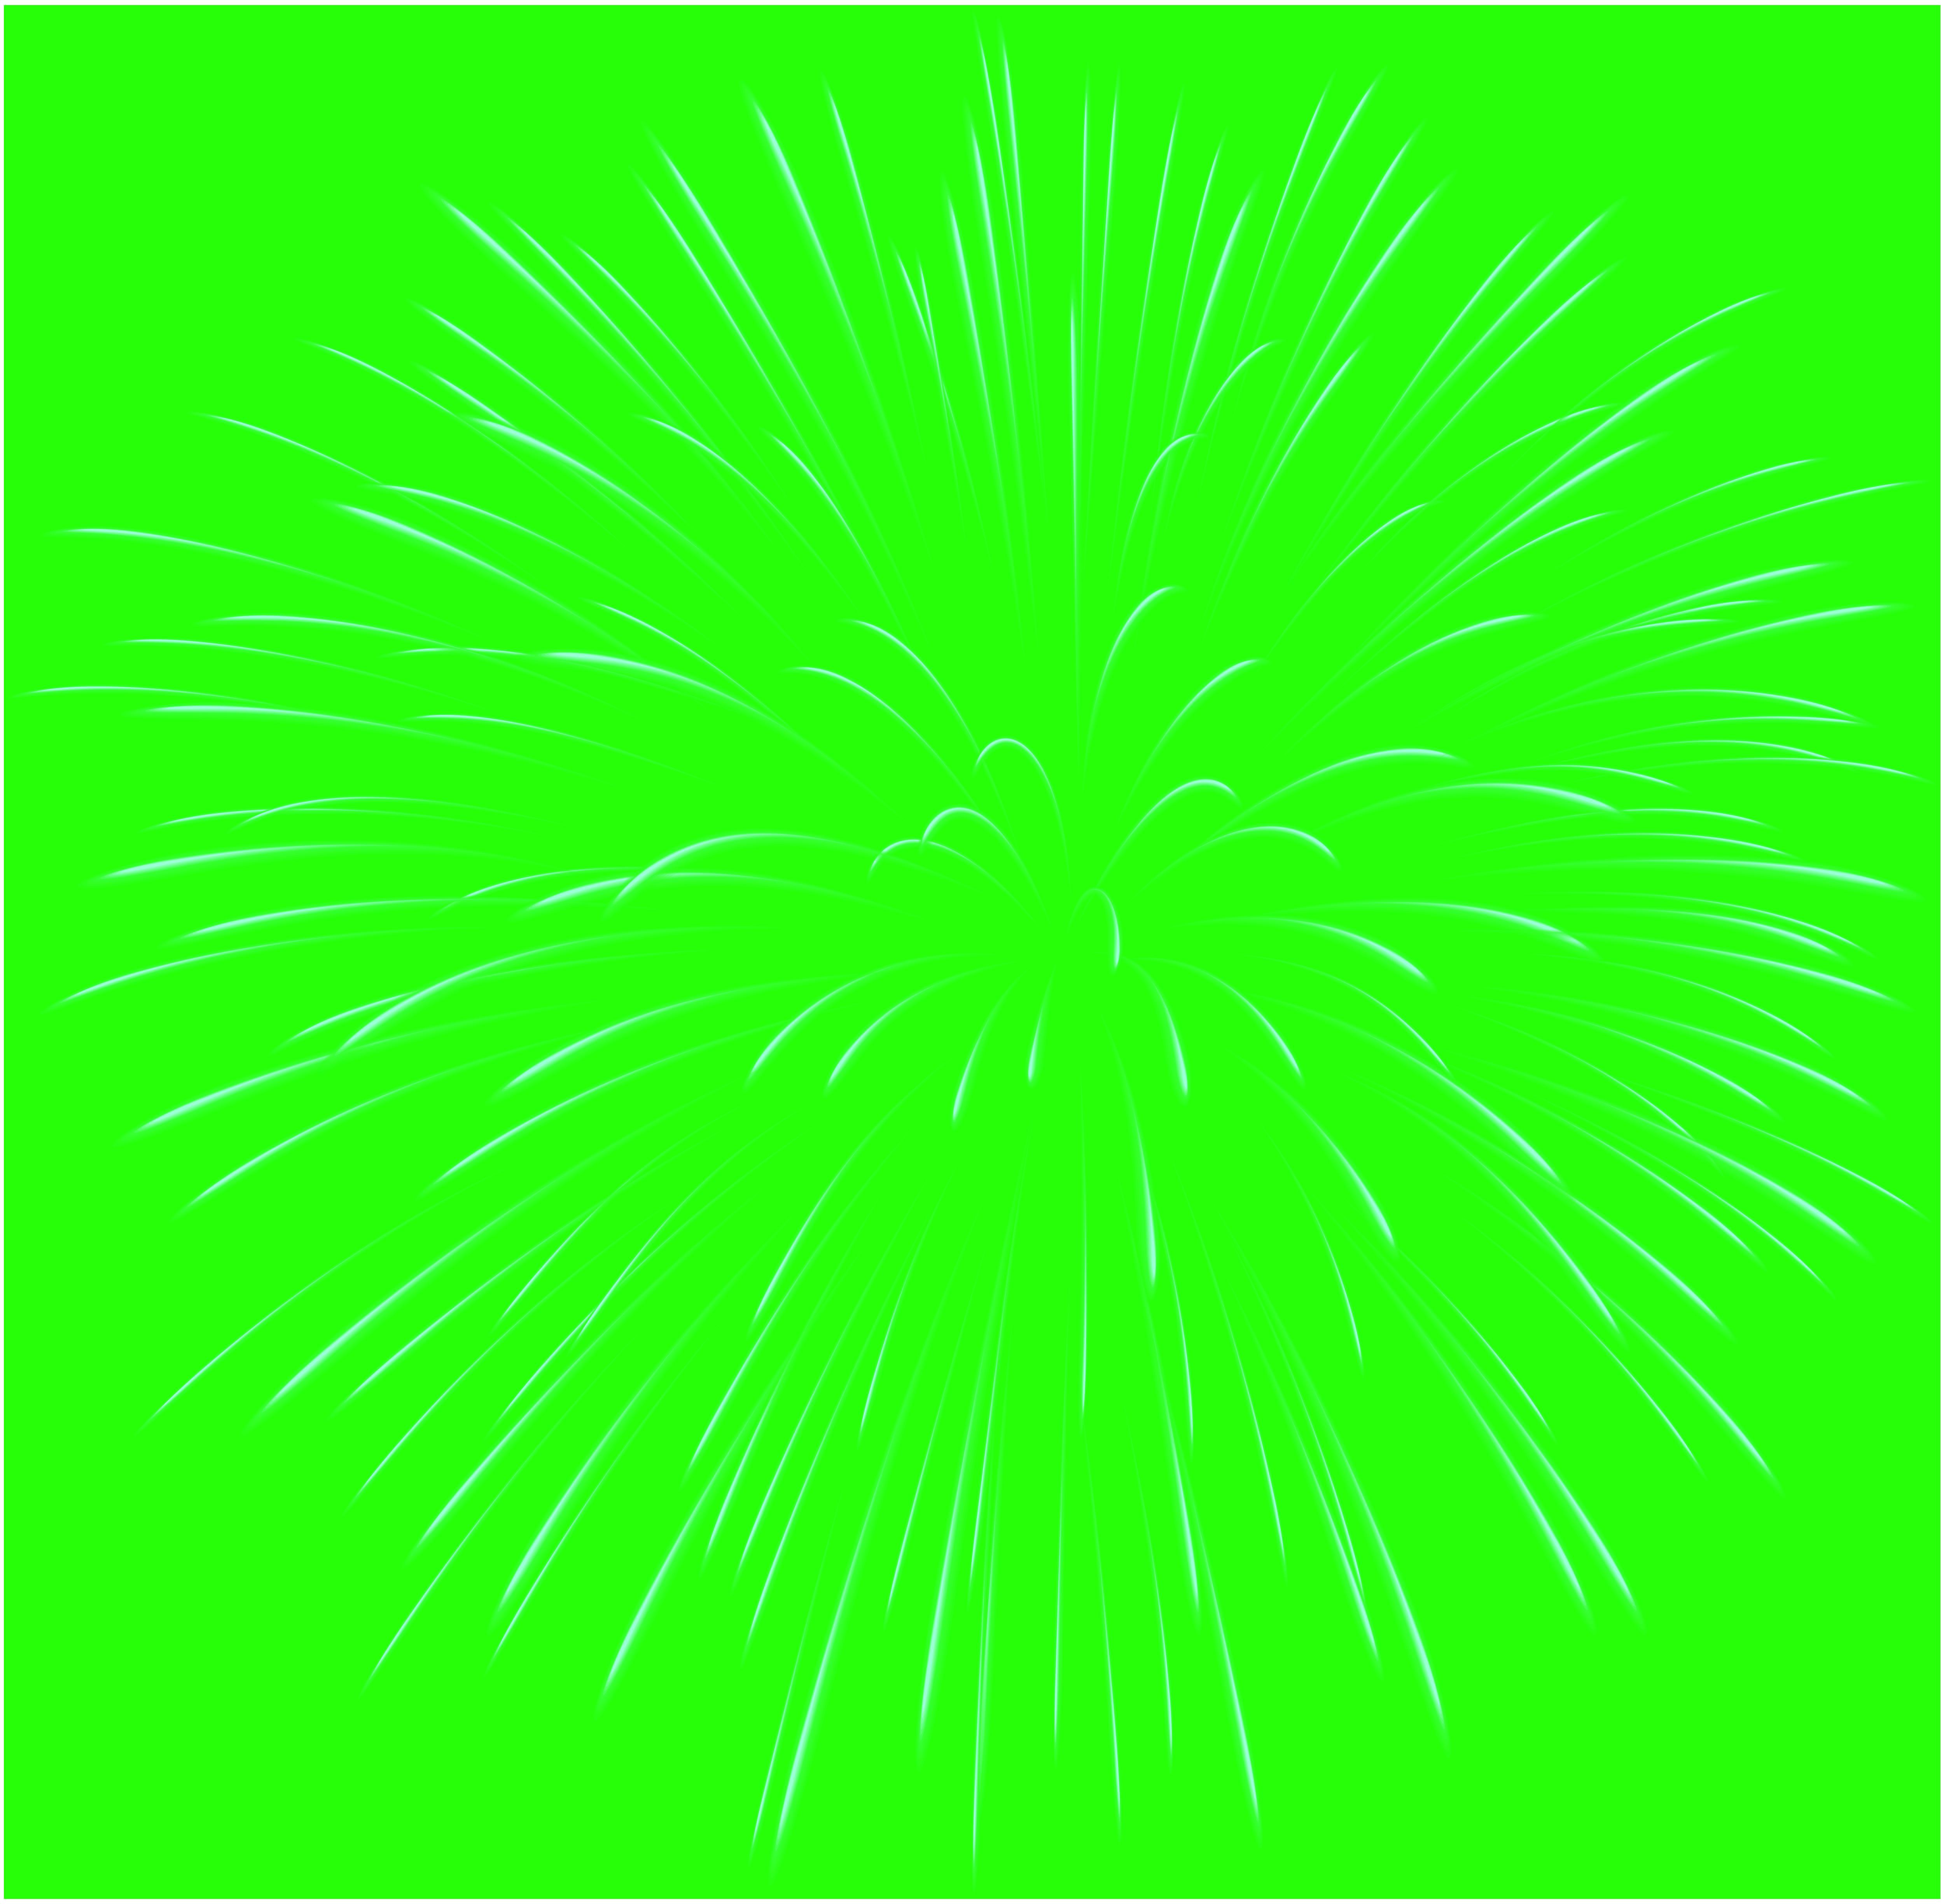 Green firework transparent png. Clipart fireworks fireworkds